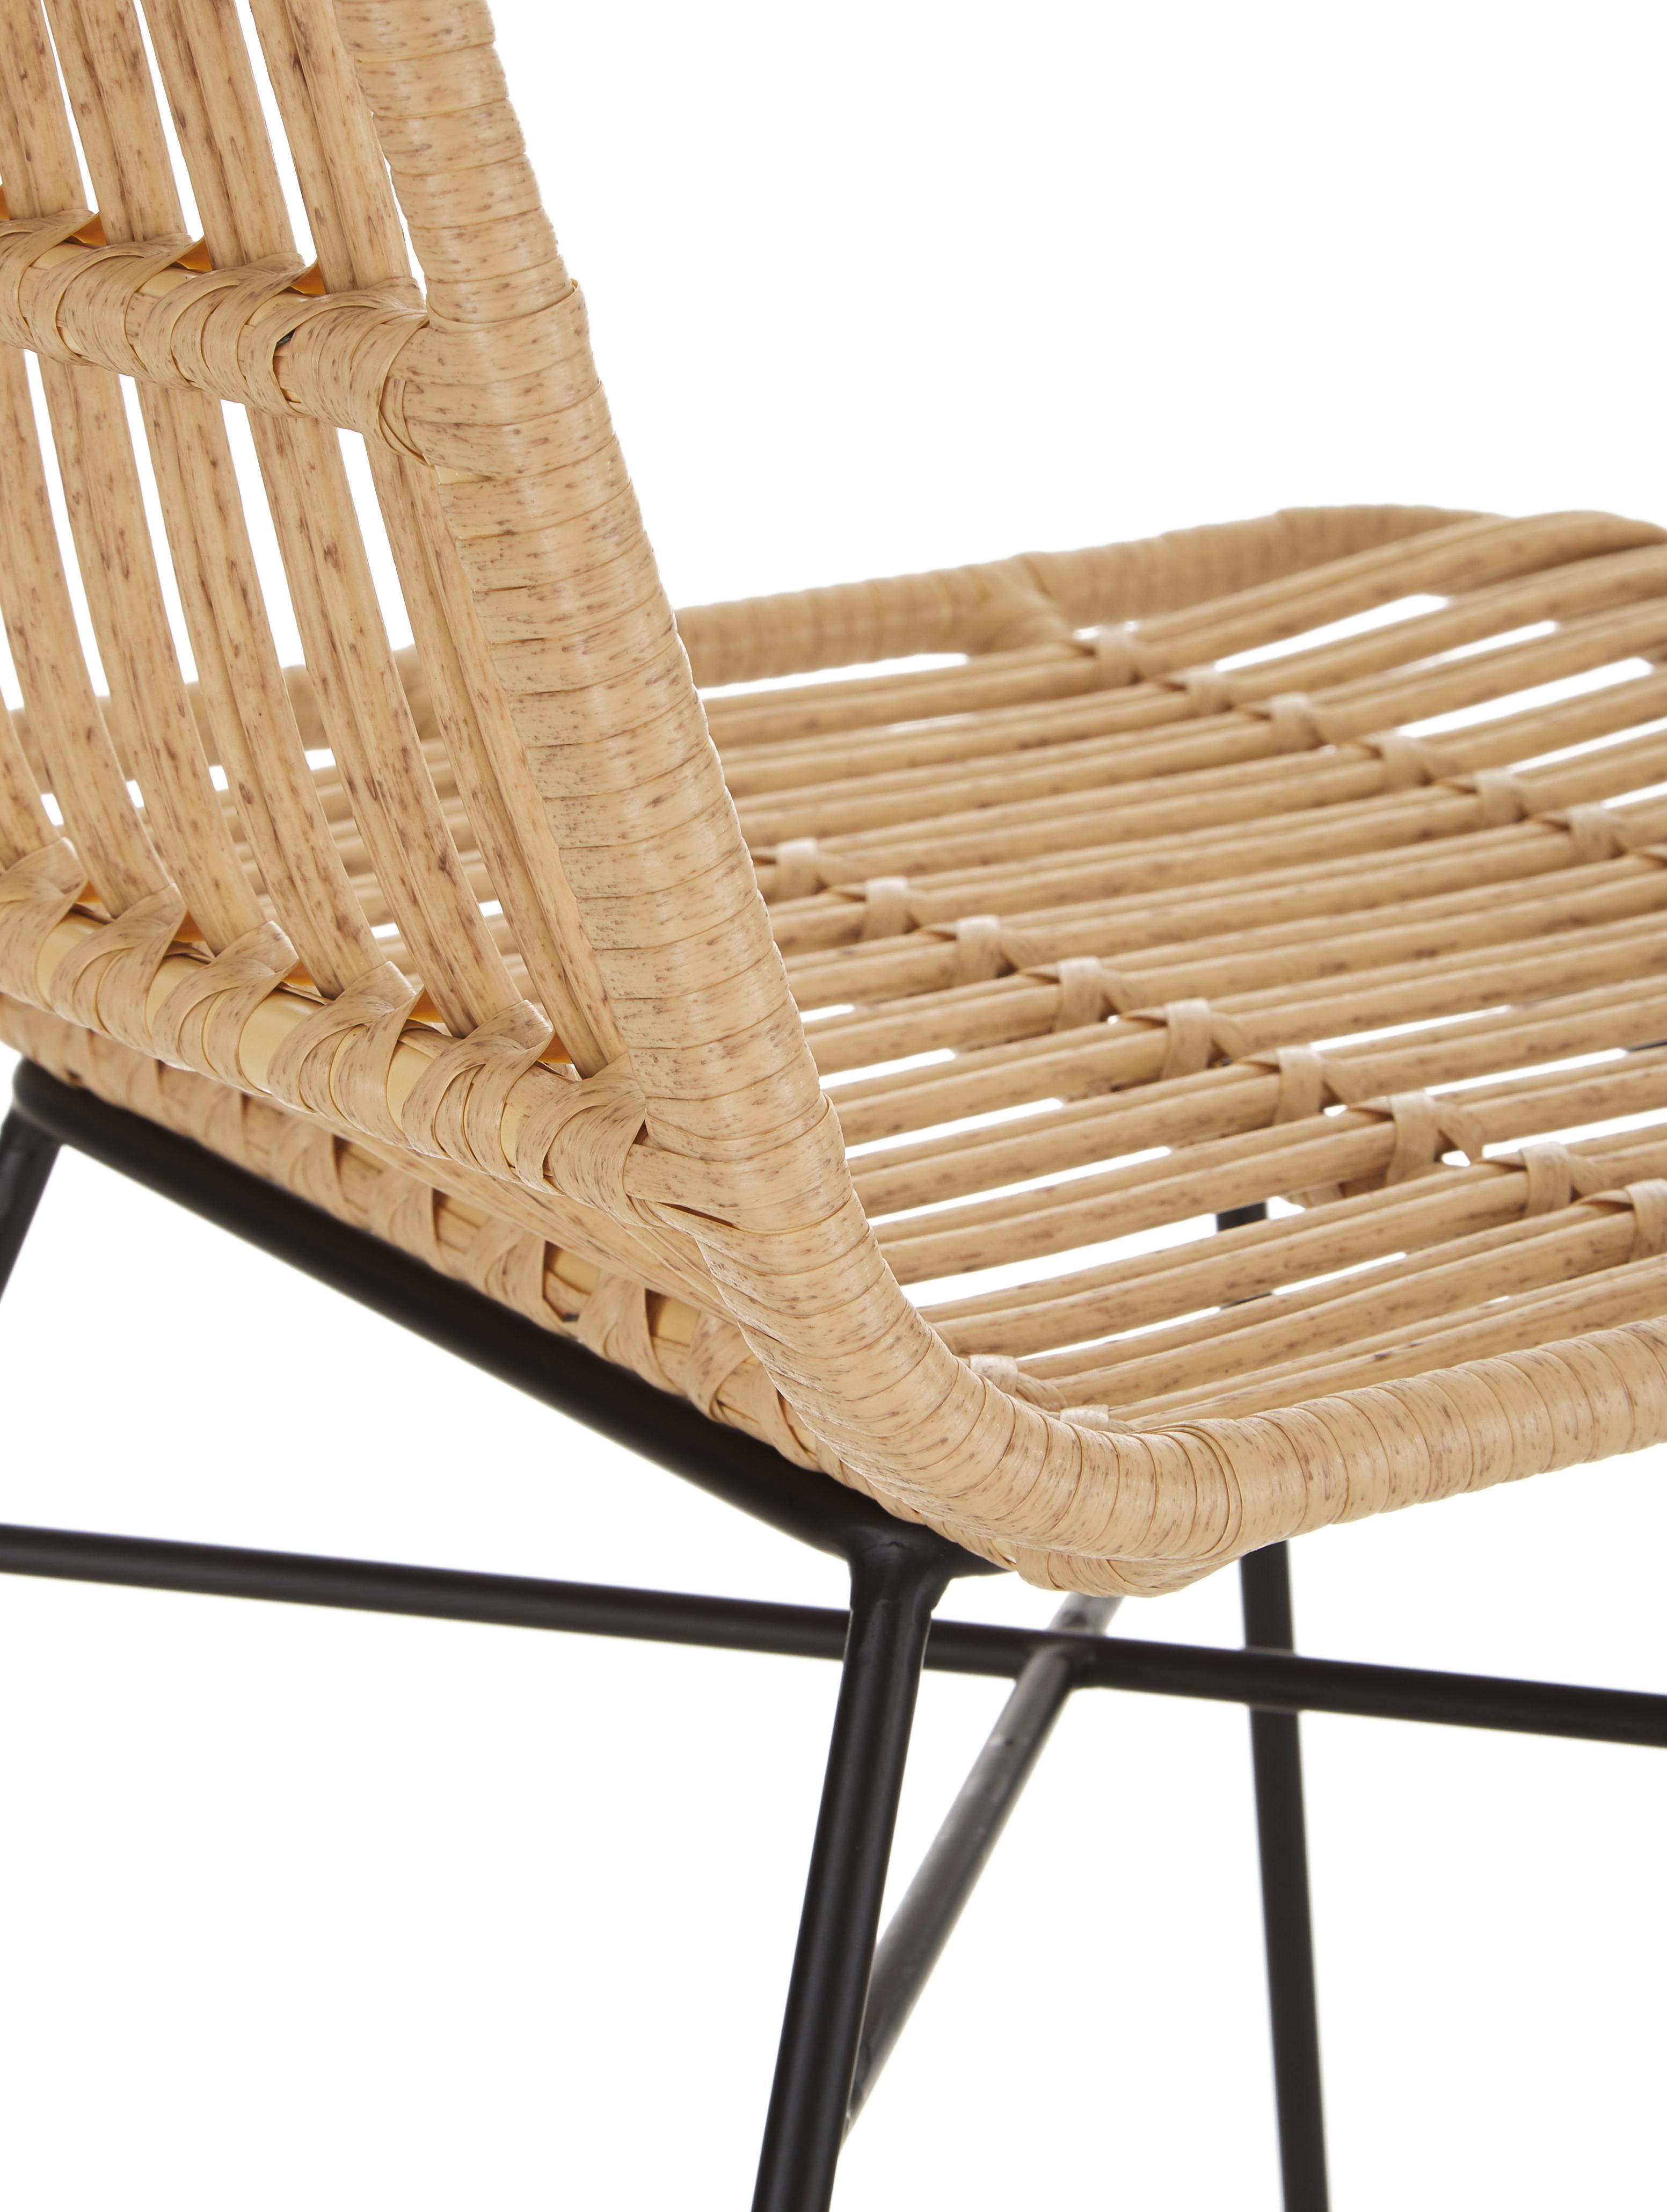 Polyrattan-Stühle Costa, 2 Stück, Sitzfläche: Polyethylen-Geflecht, Gestell: Metall, pulverbeschichtet, Hellbraun, Beine Schwarz, B 47 x T 61 cm